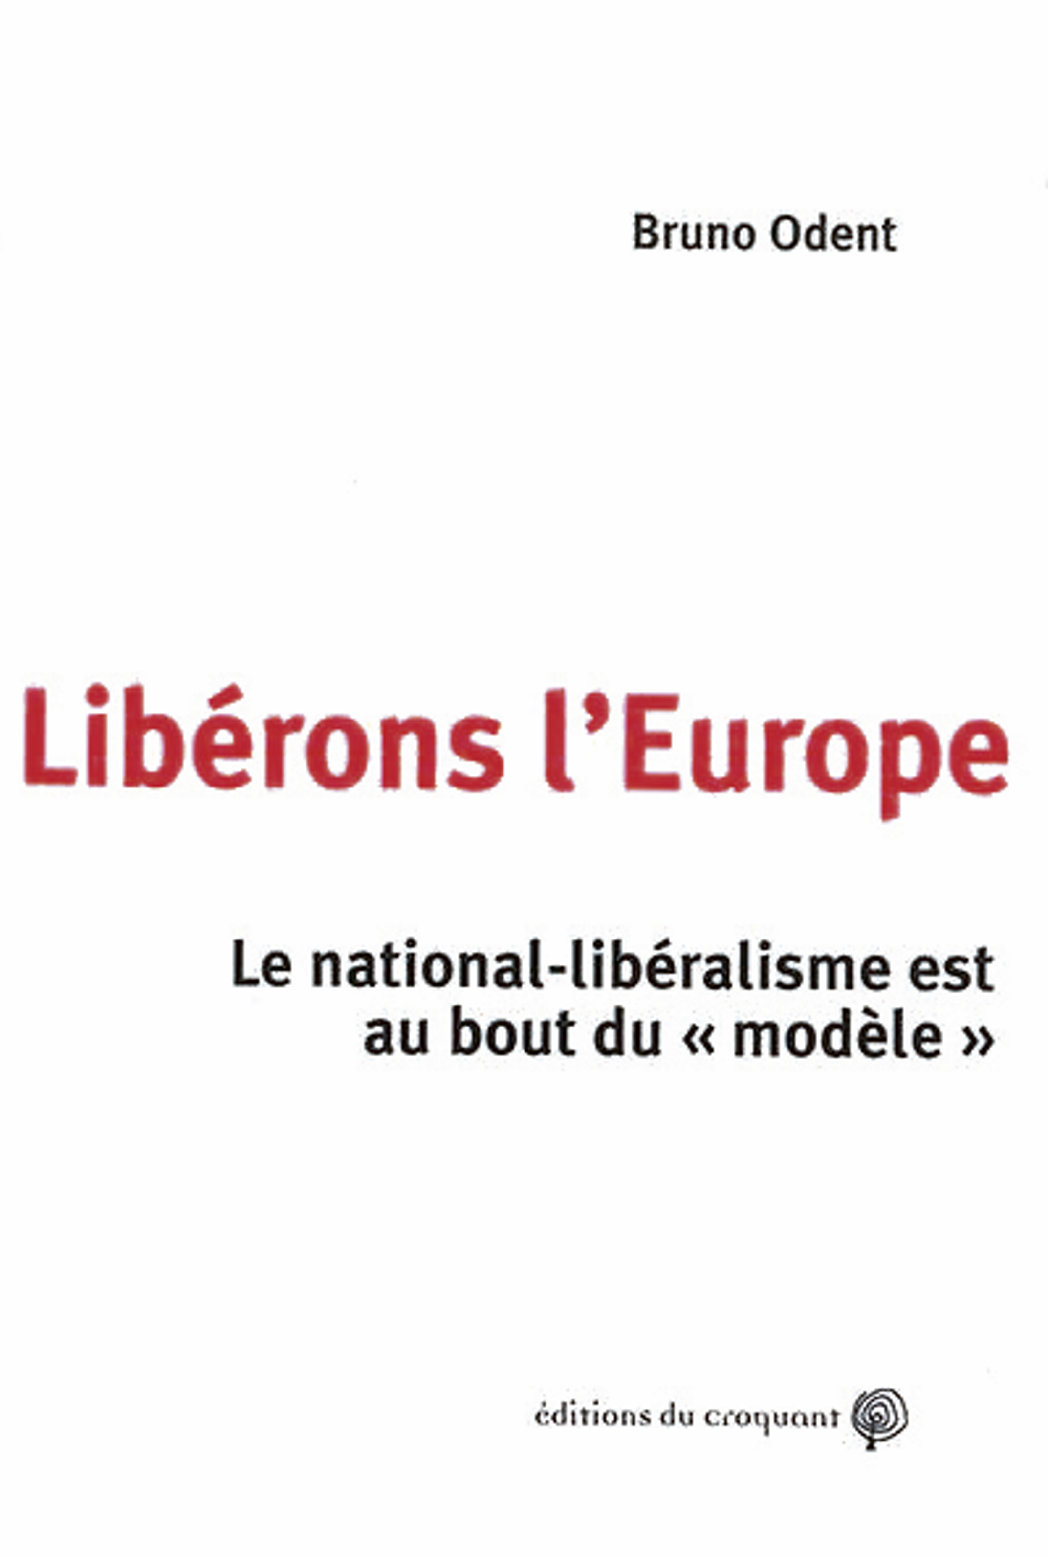 lierons-europe.jpg